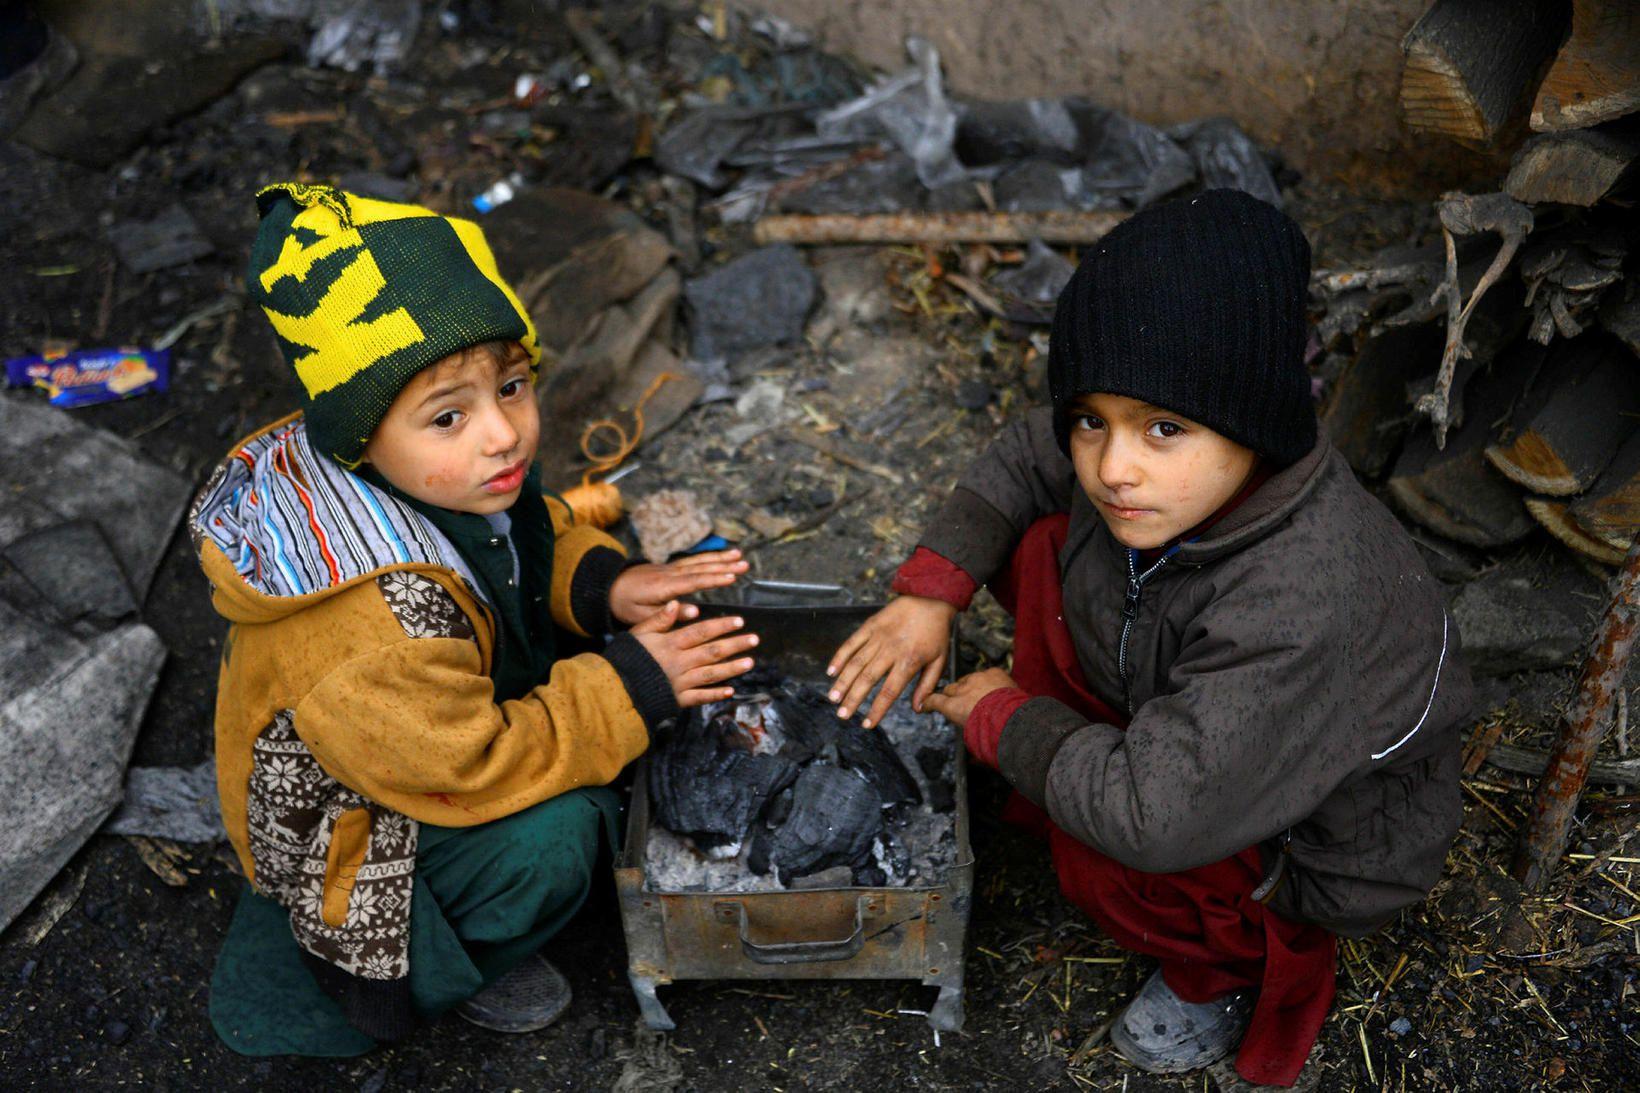 Afganistan er eitt ellefu hættulegustu landa heims fyrir börn.